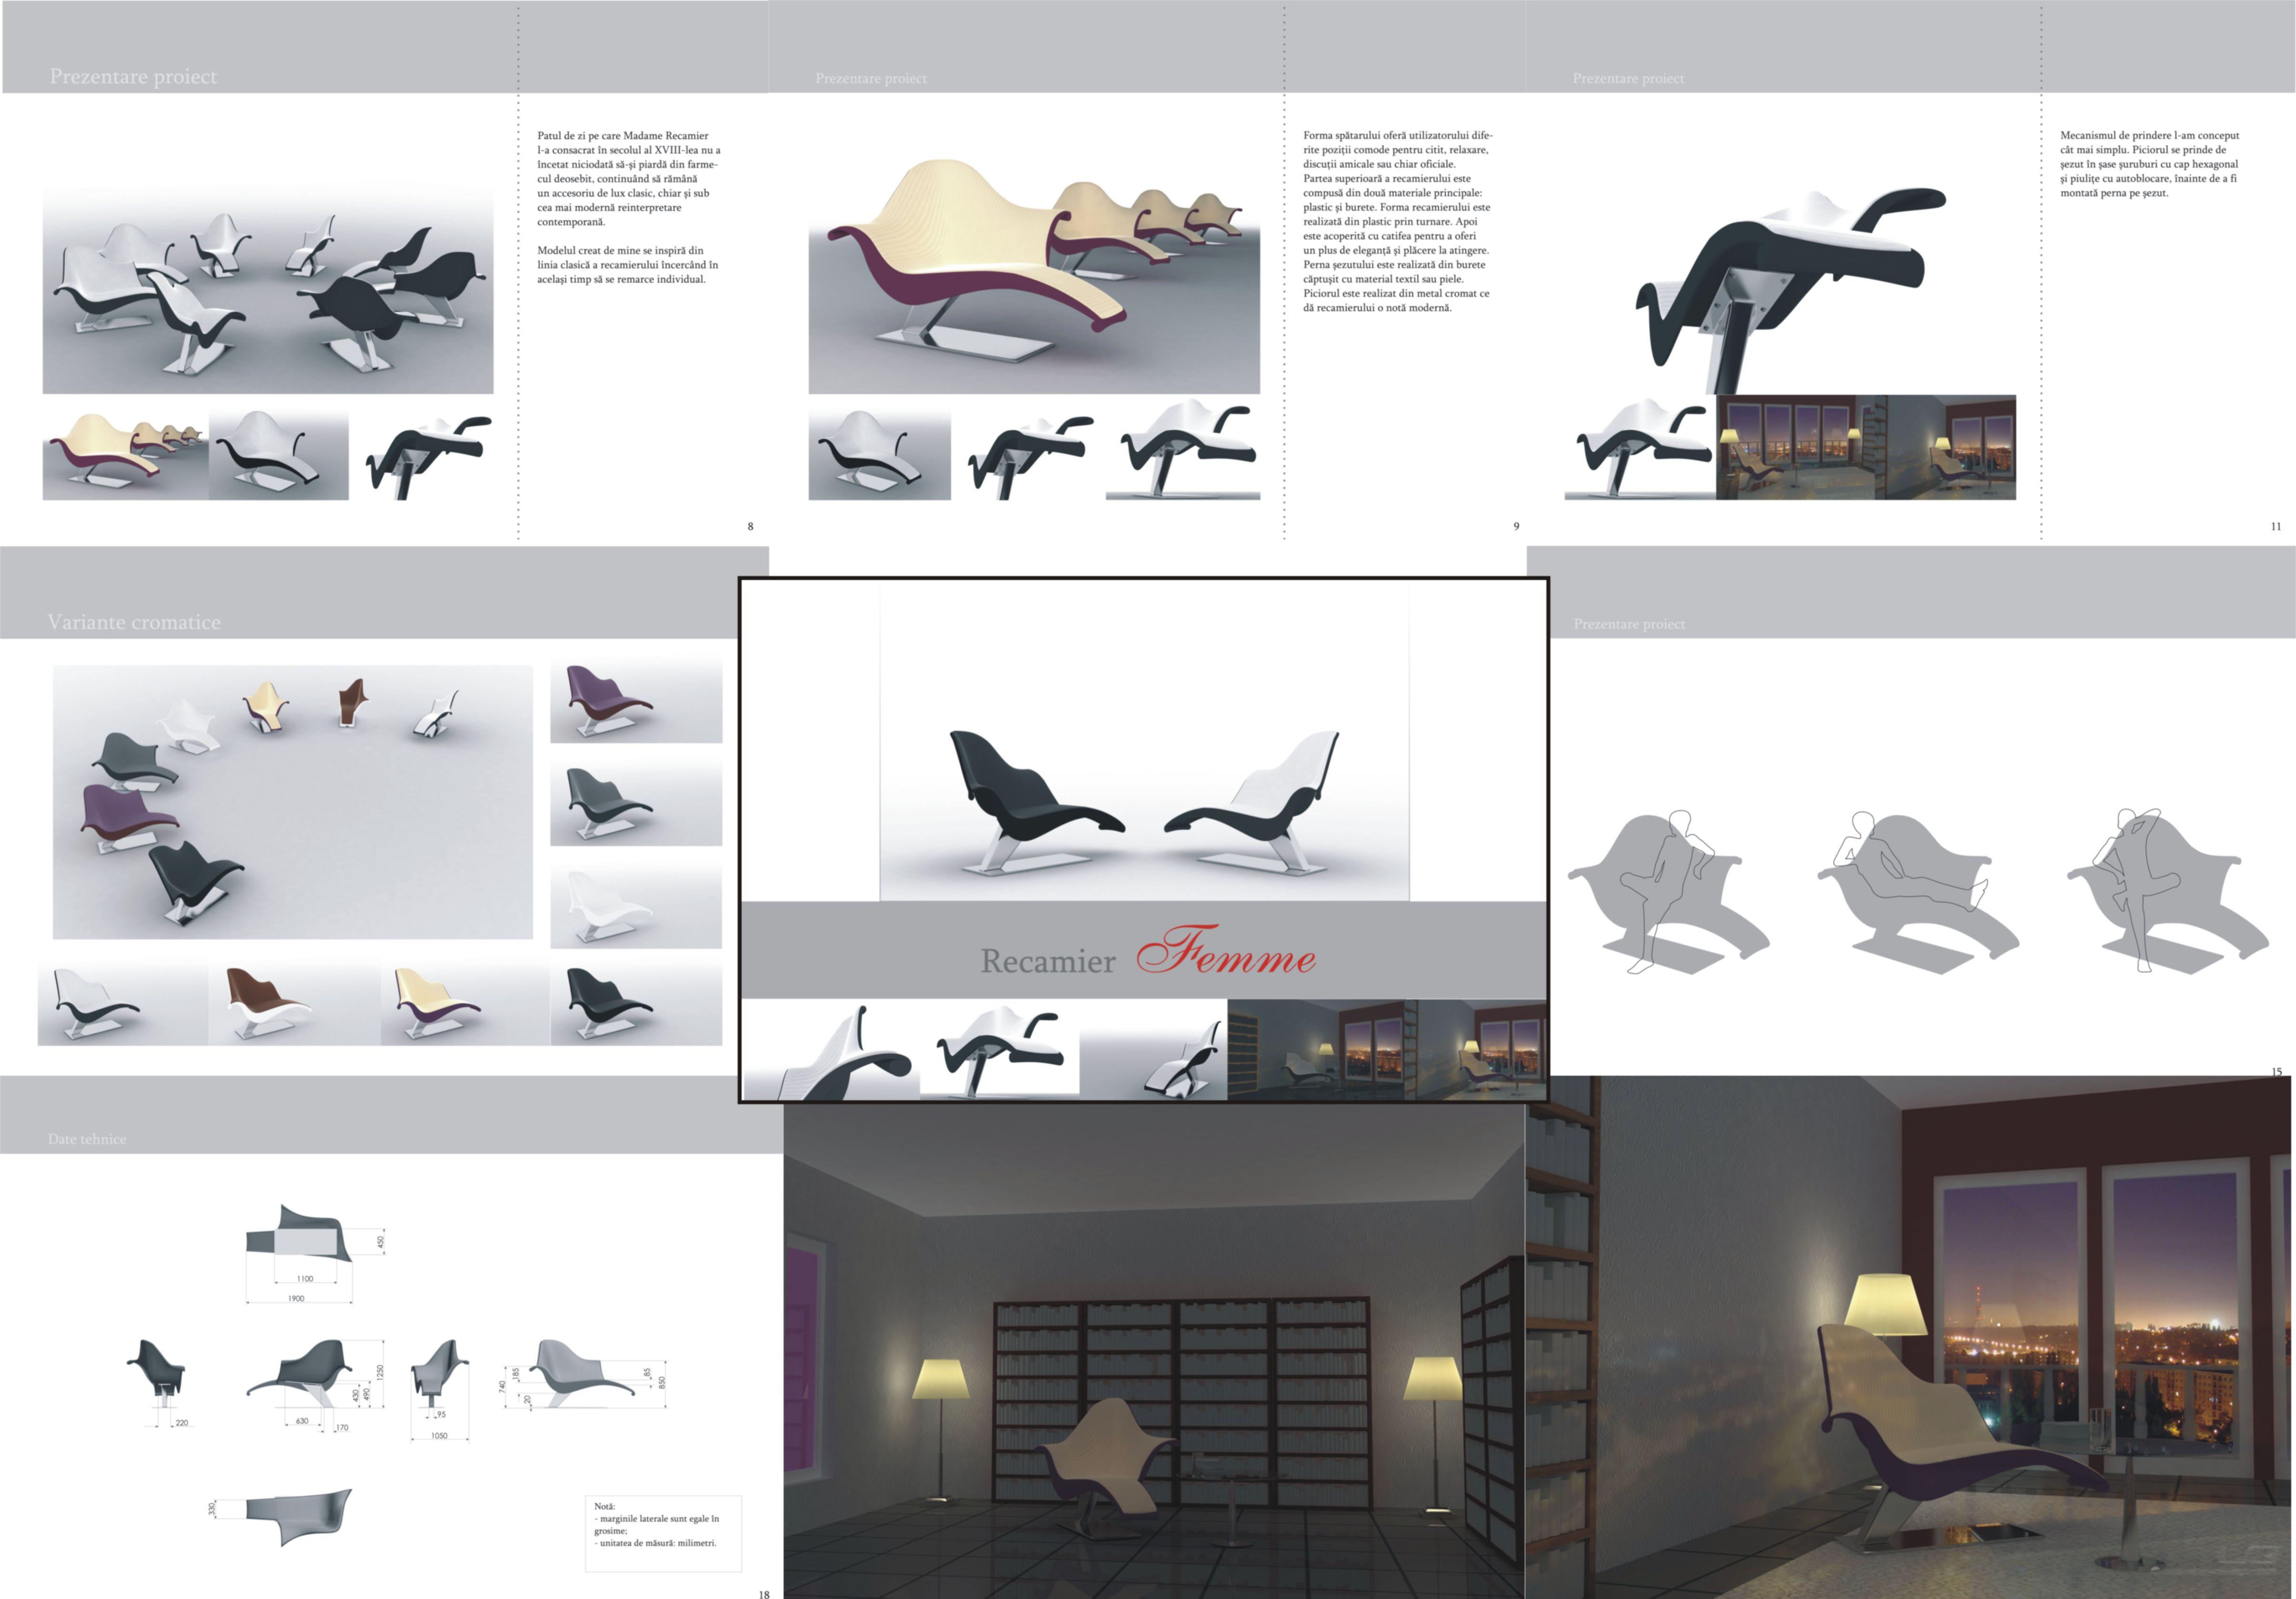 Design Portfolio By Popescu Sabin At